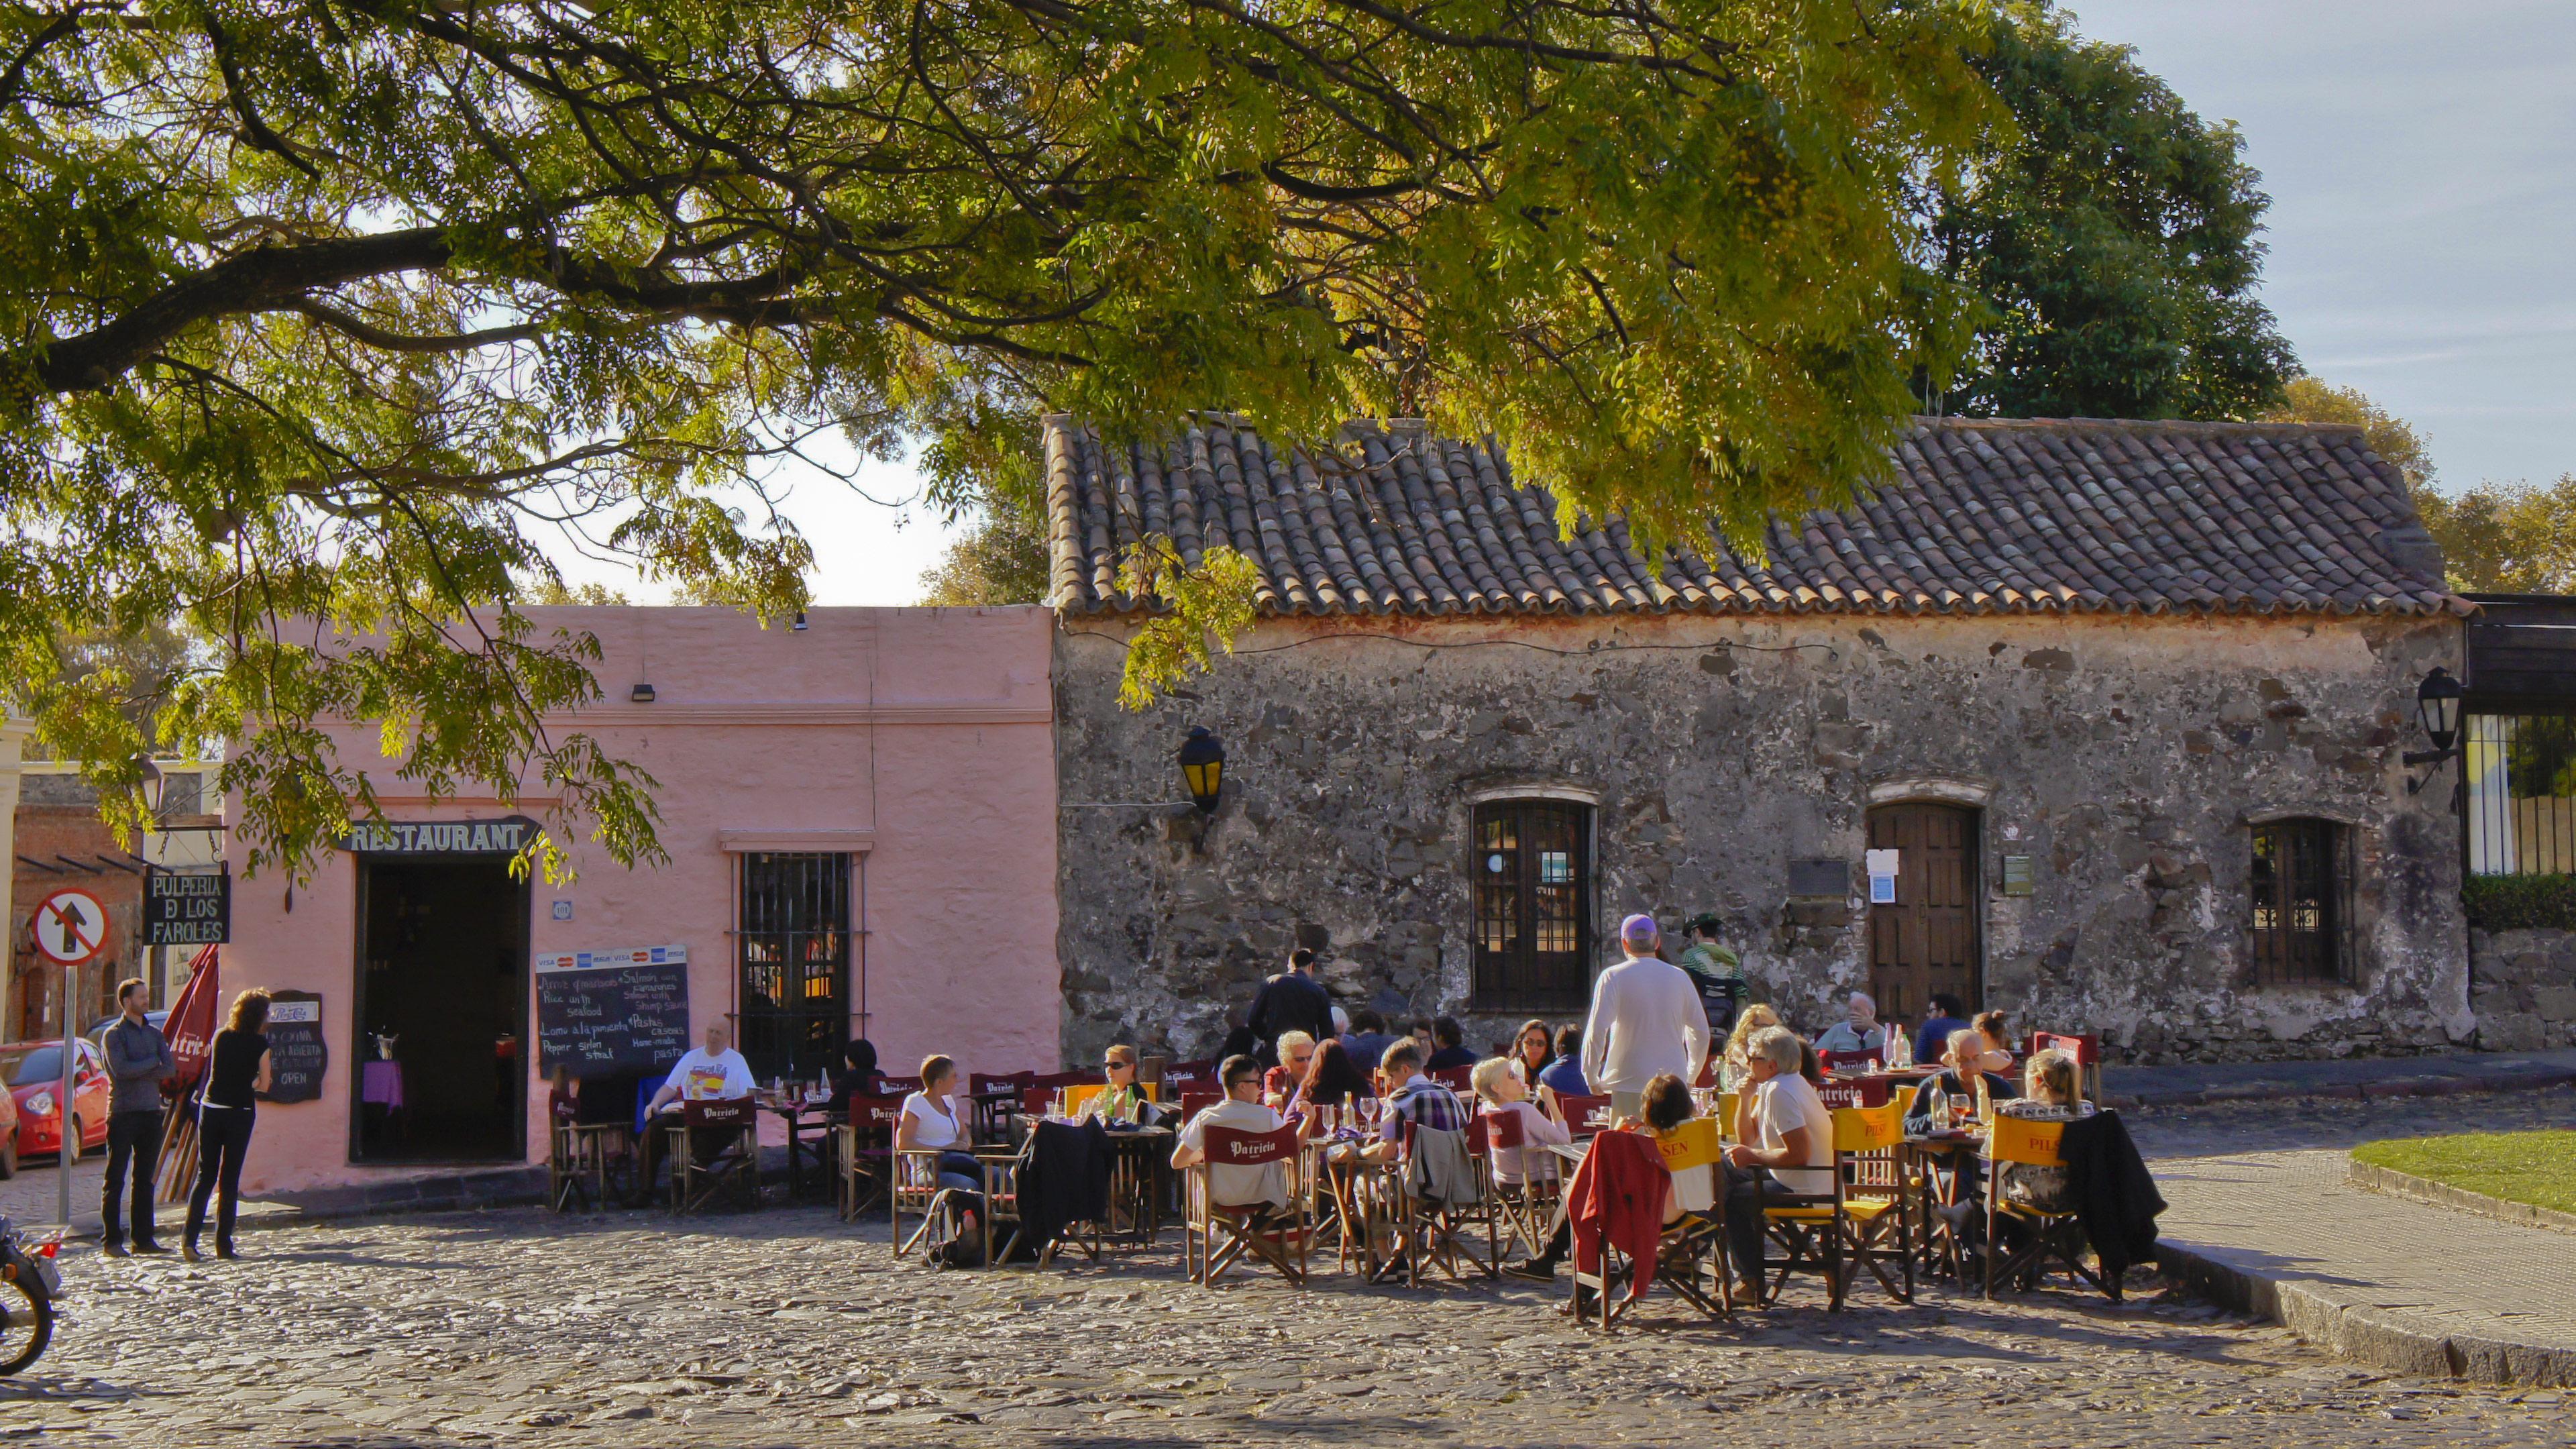 La OMT en Uruguay: celebrar la resiliencia y apoyar la reanudación sostenible del turismo